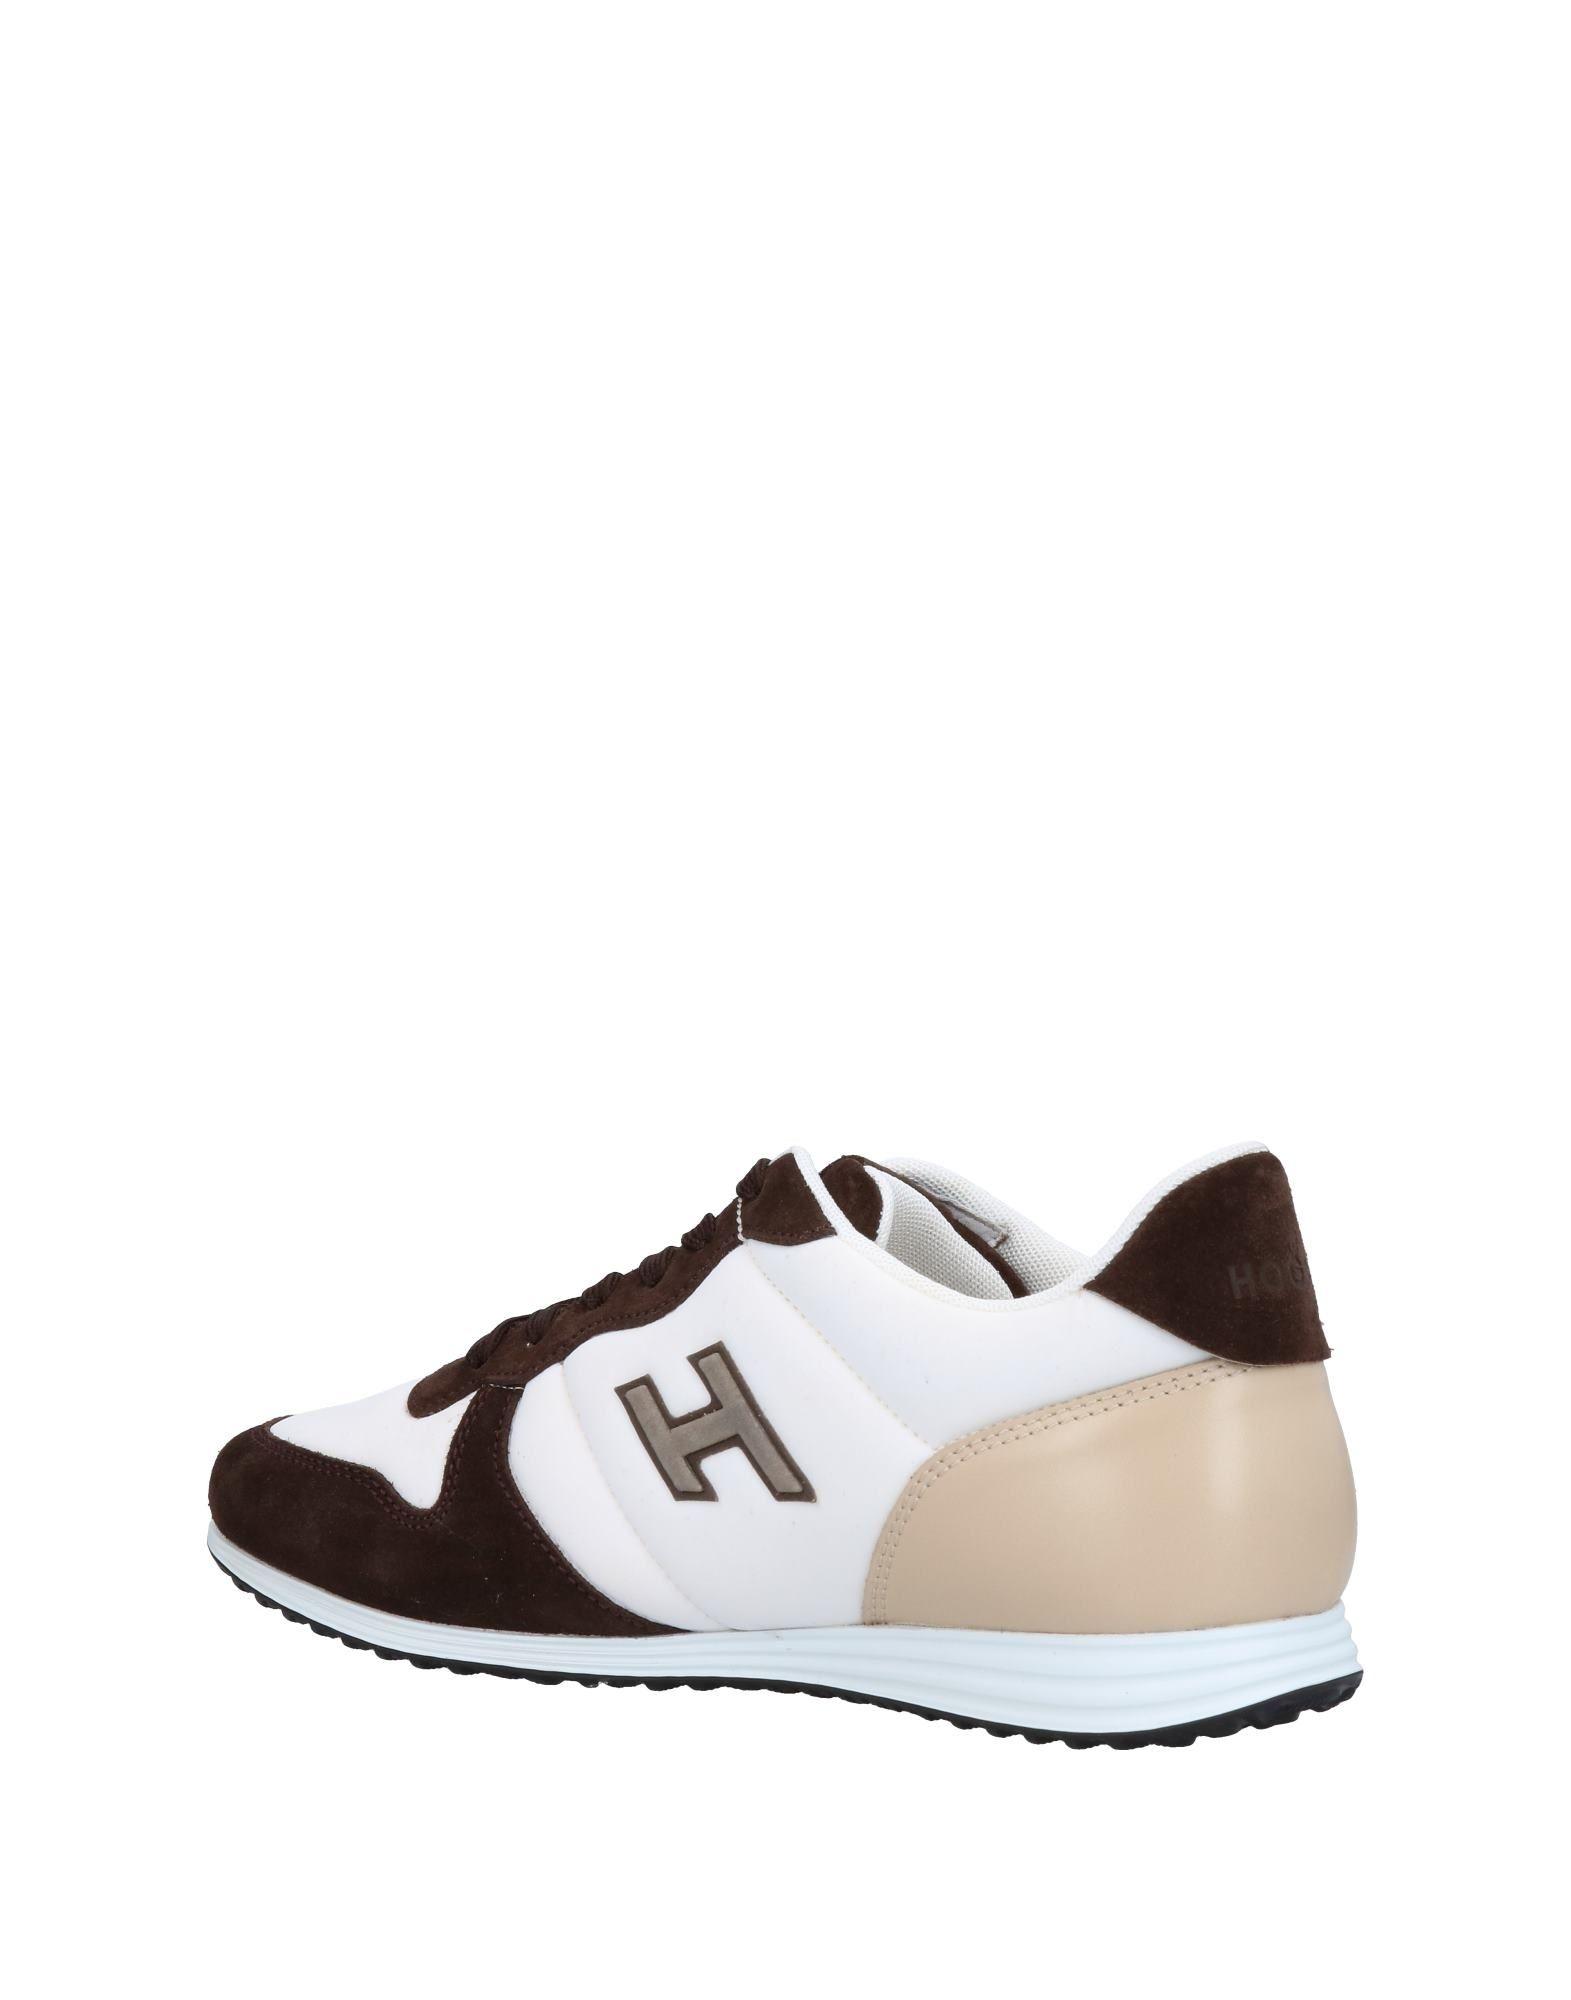 Hogan 11412414TF Sneakers Herren  11412414TF Hogan Heiße Schuhe 9265f5